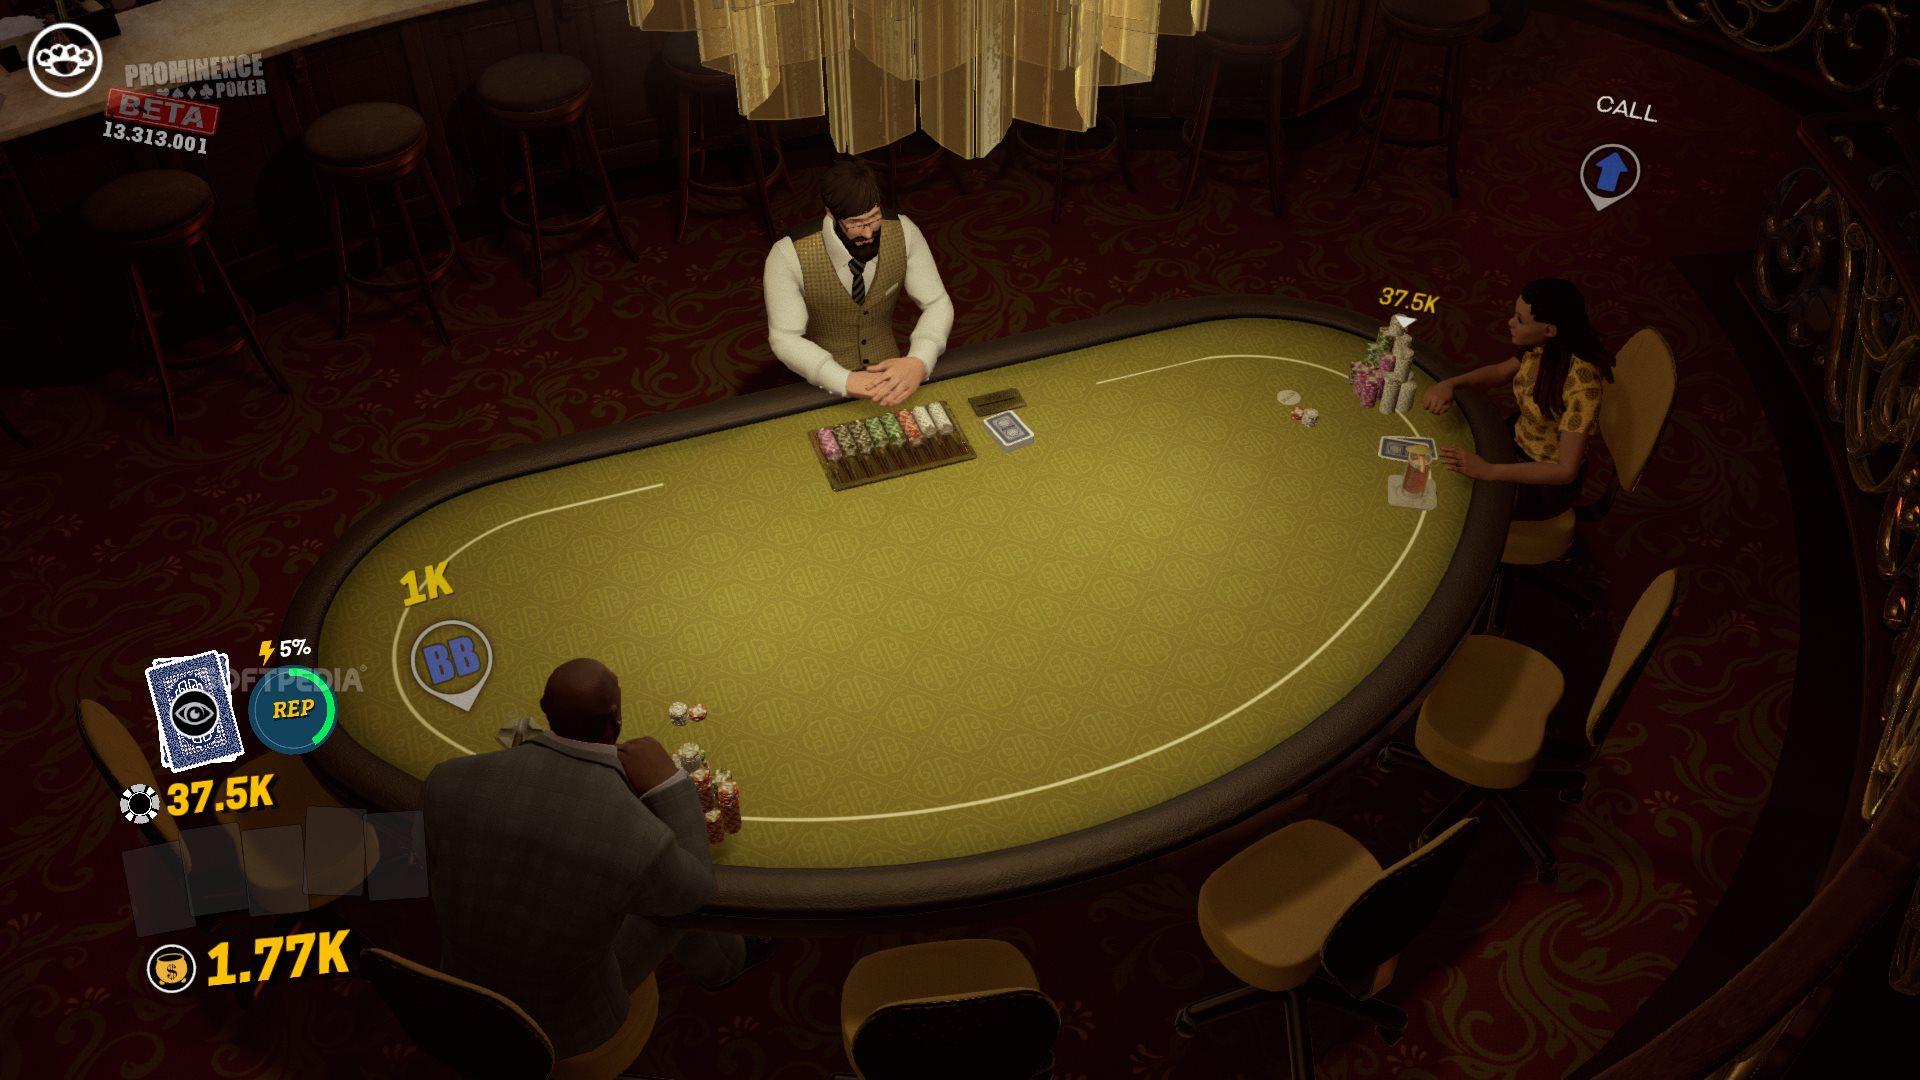 Покер старс официальный сайт скачать бесплатно на русском